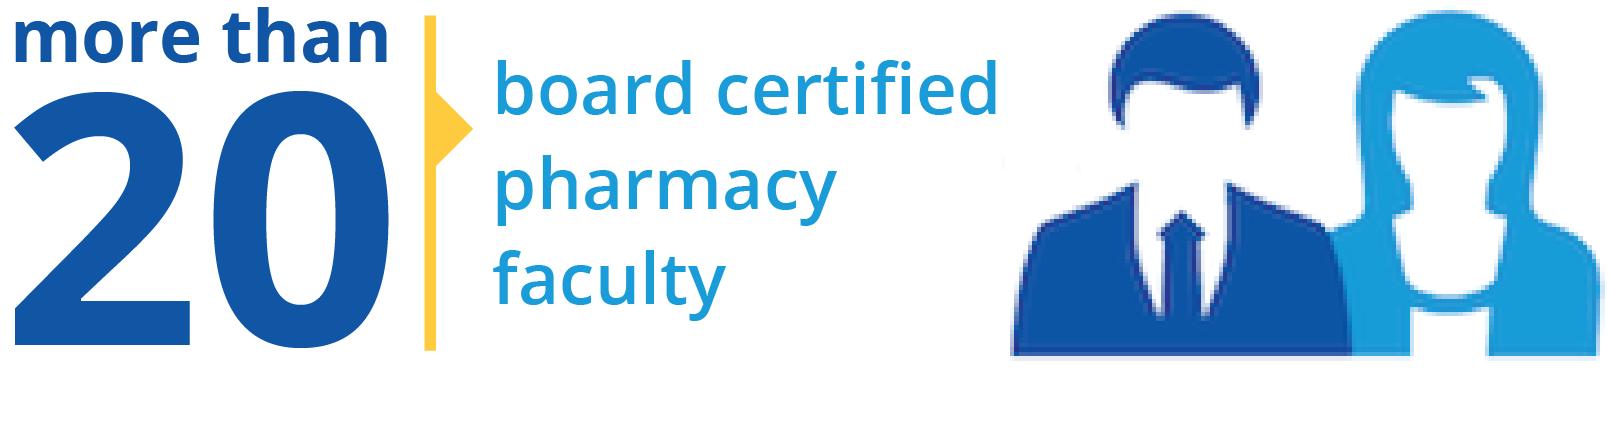 28 board certified pharmacy faculty